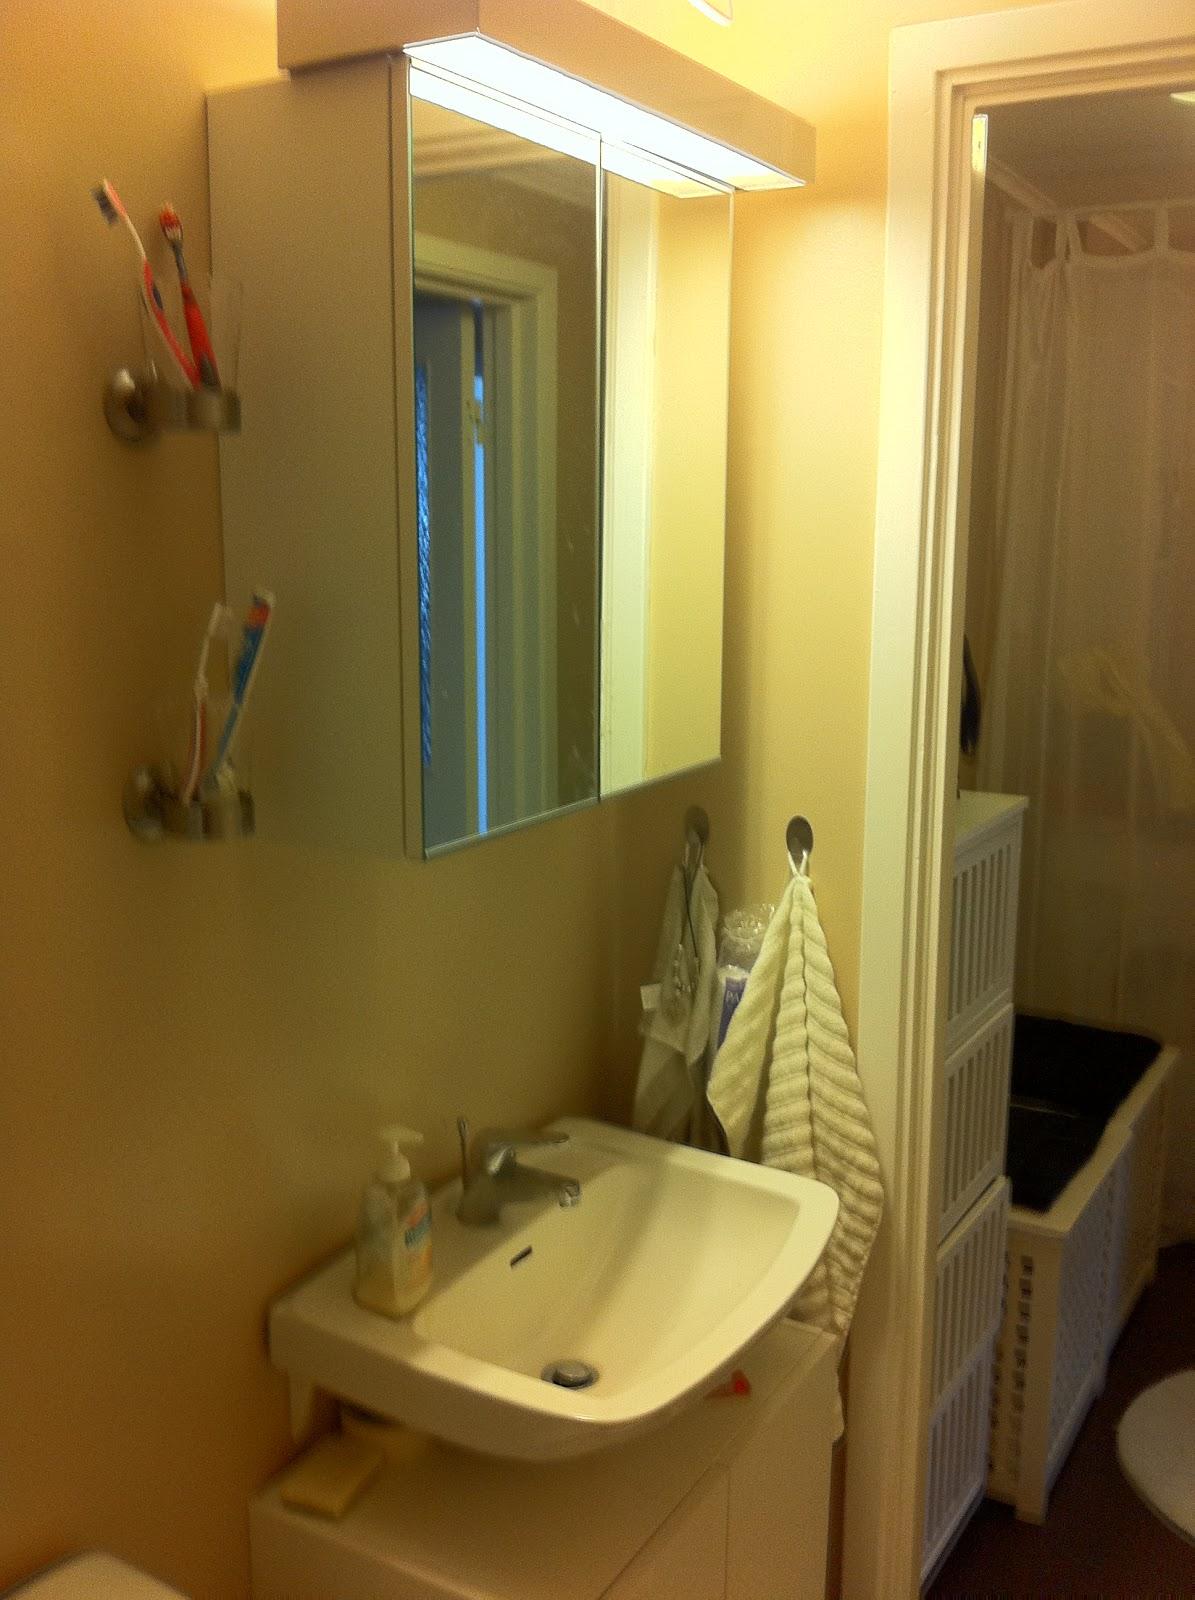 Hemmakär: budgetrenoveringen av badrummet klart!